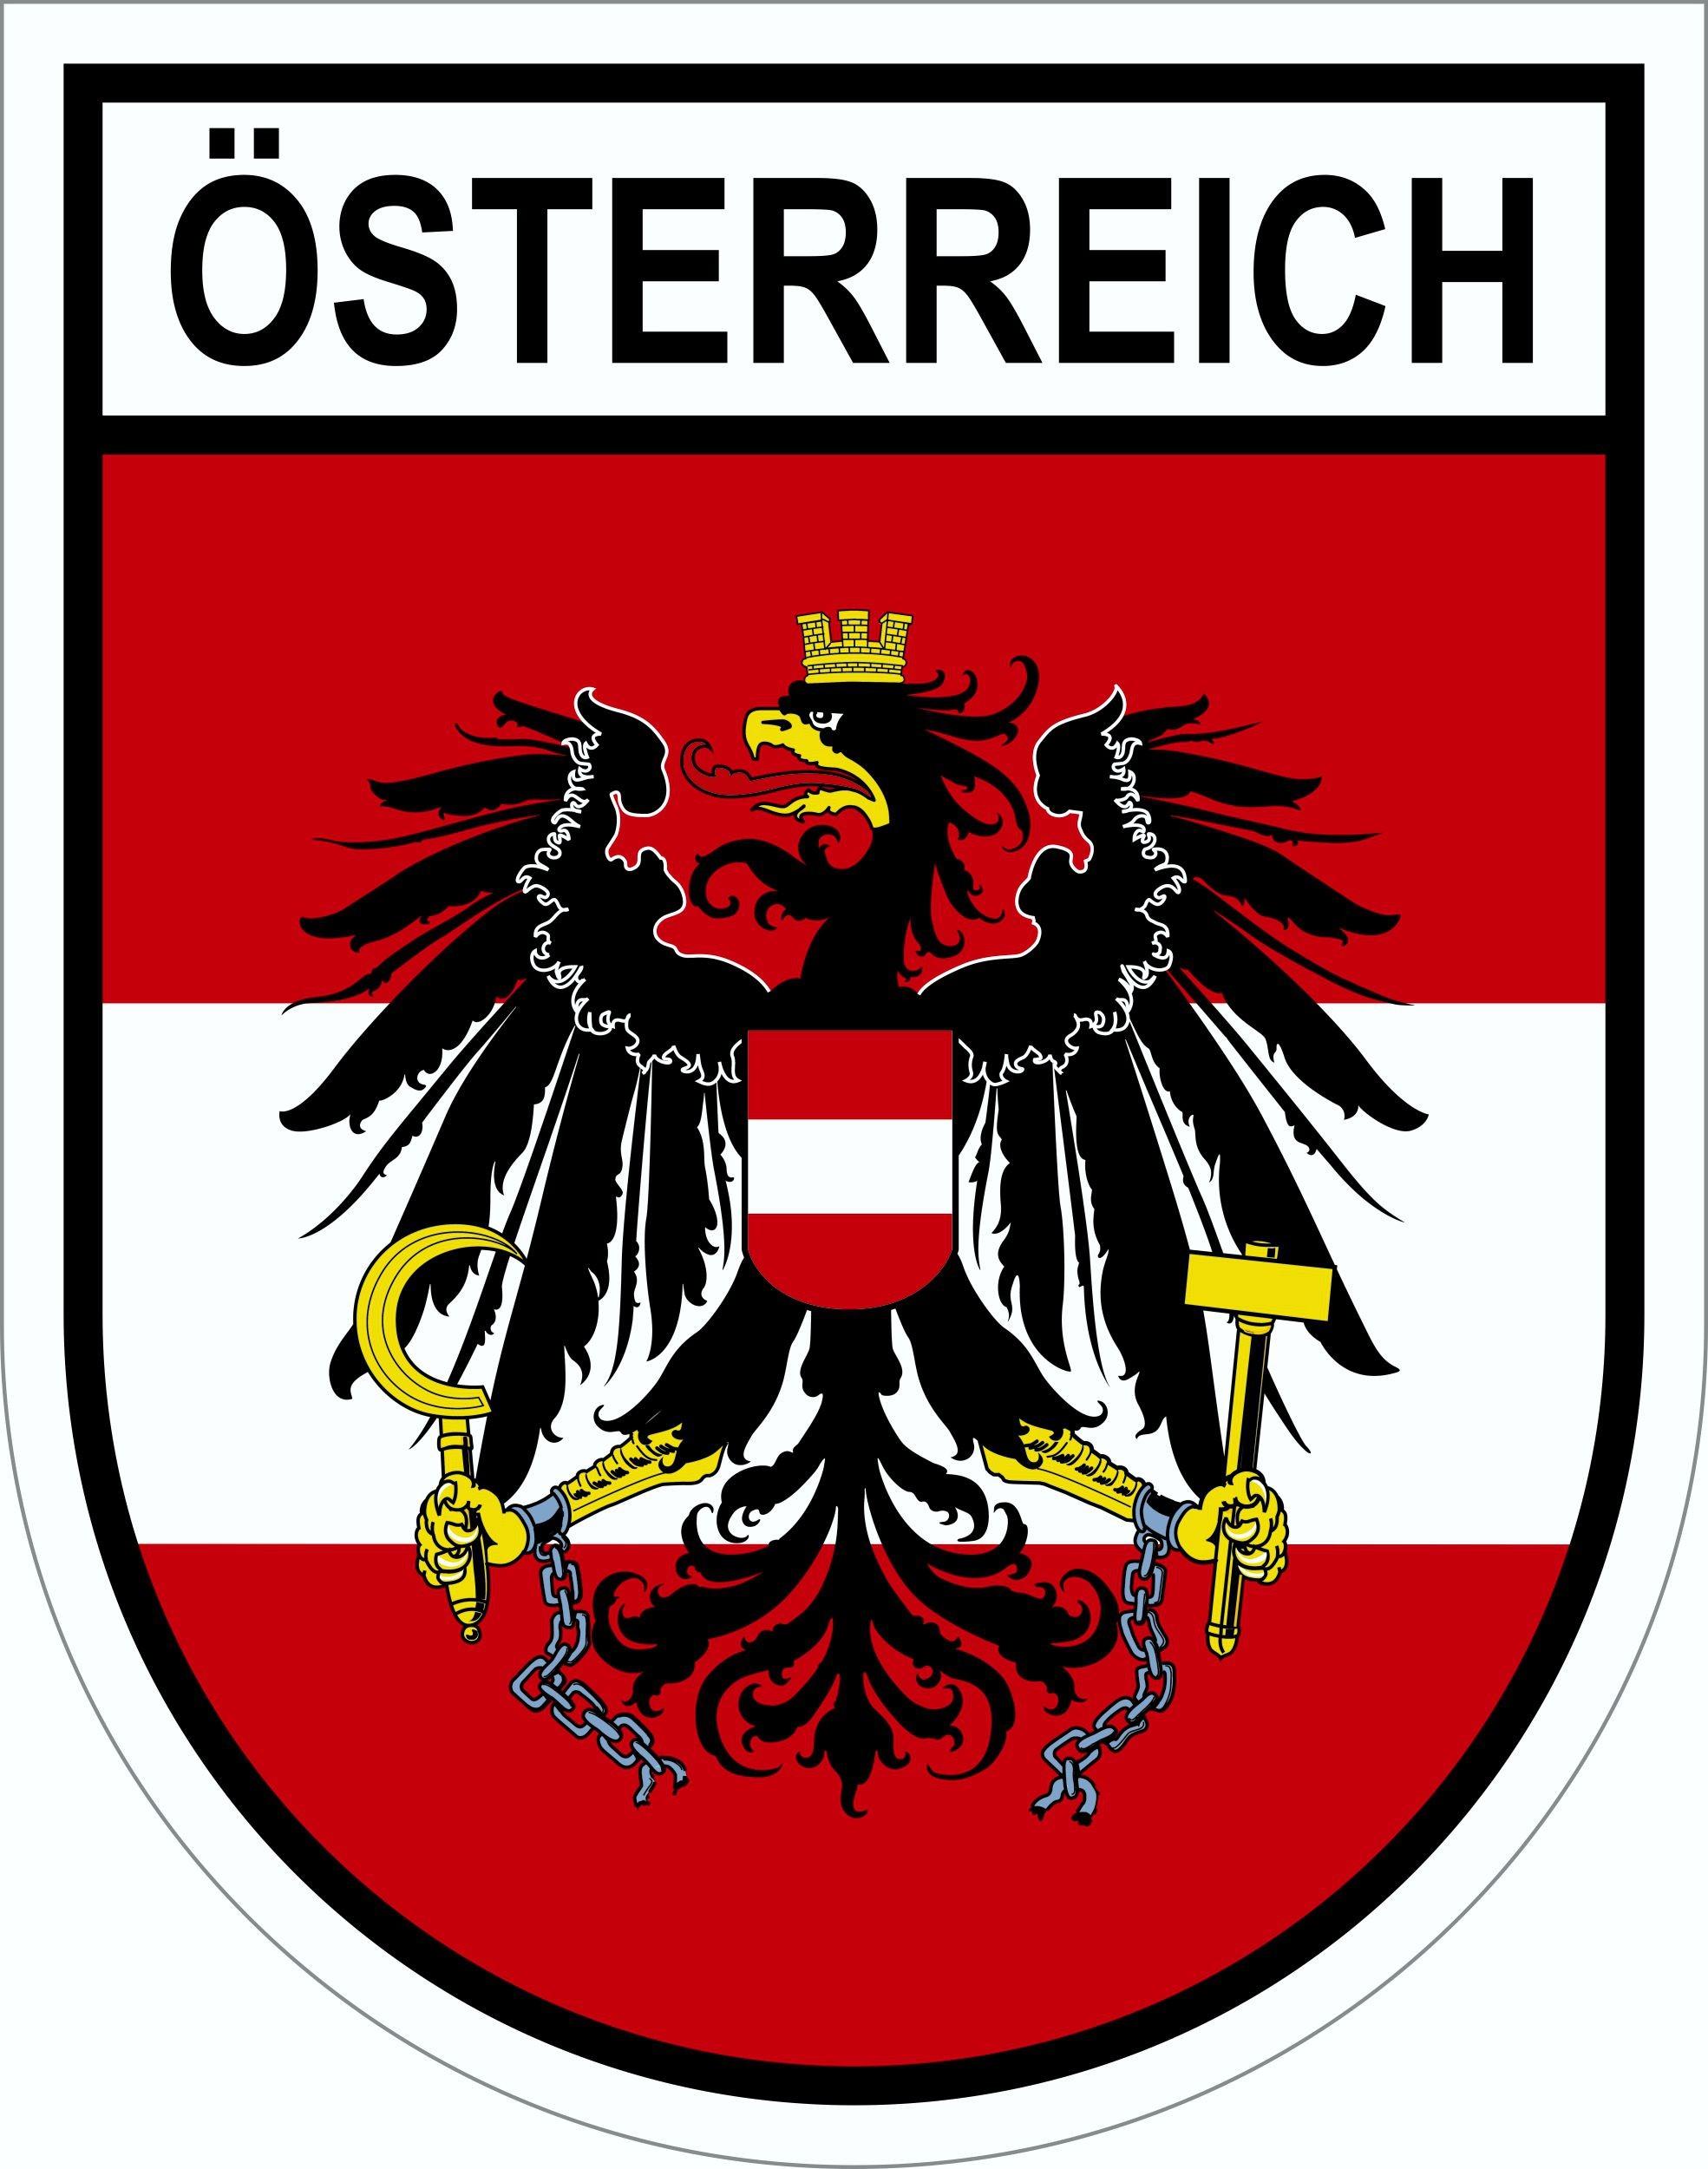 Aufkleber Wappen Österreich 120 x 90 mm – Bild 1